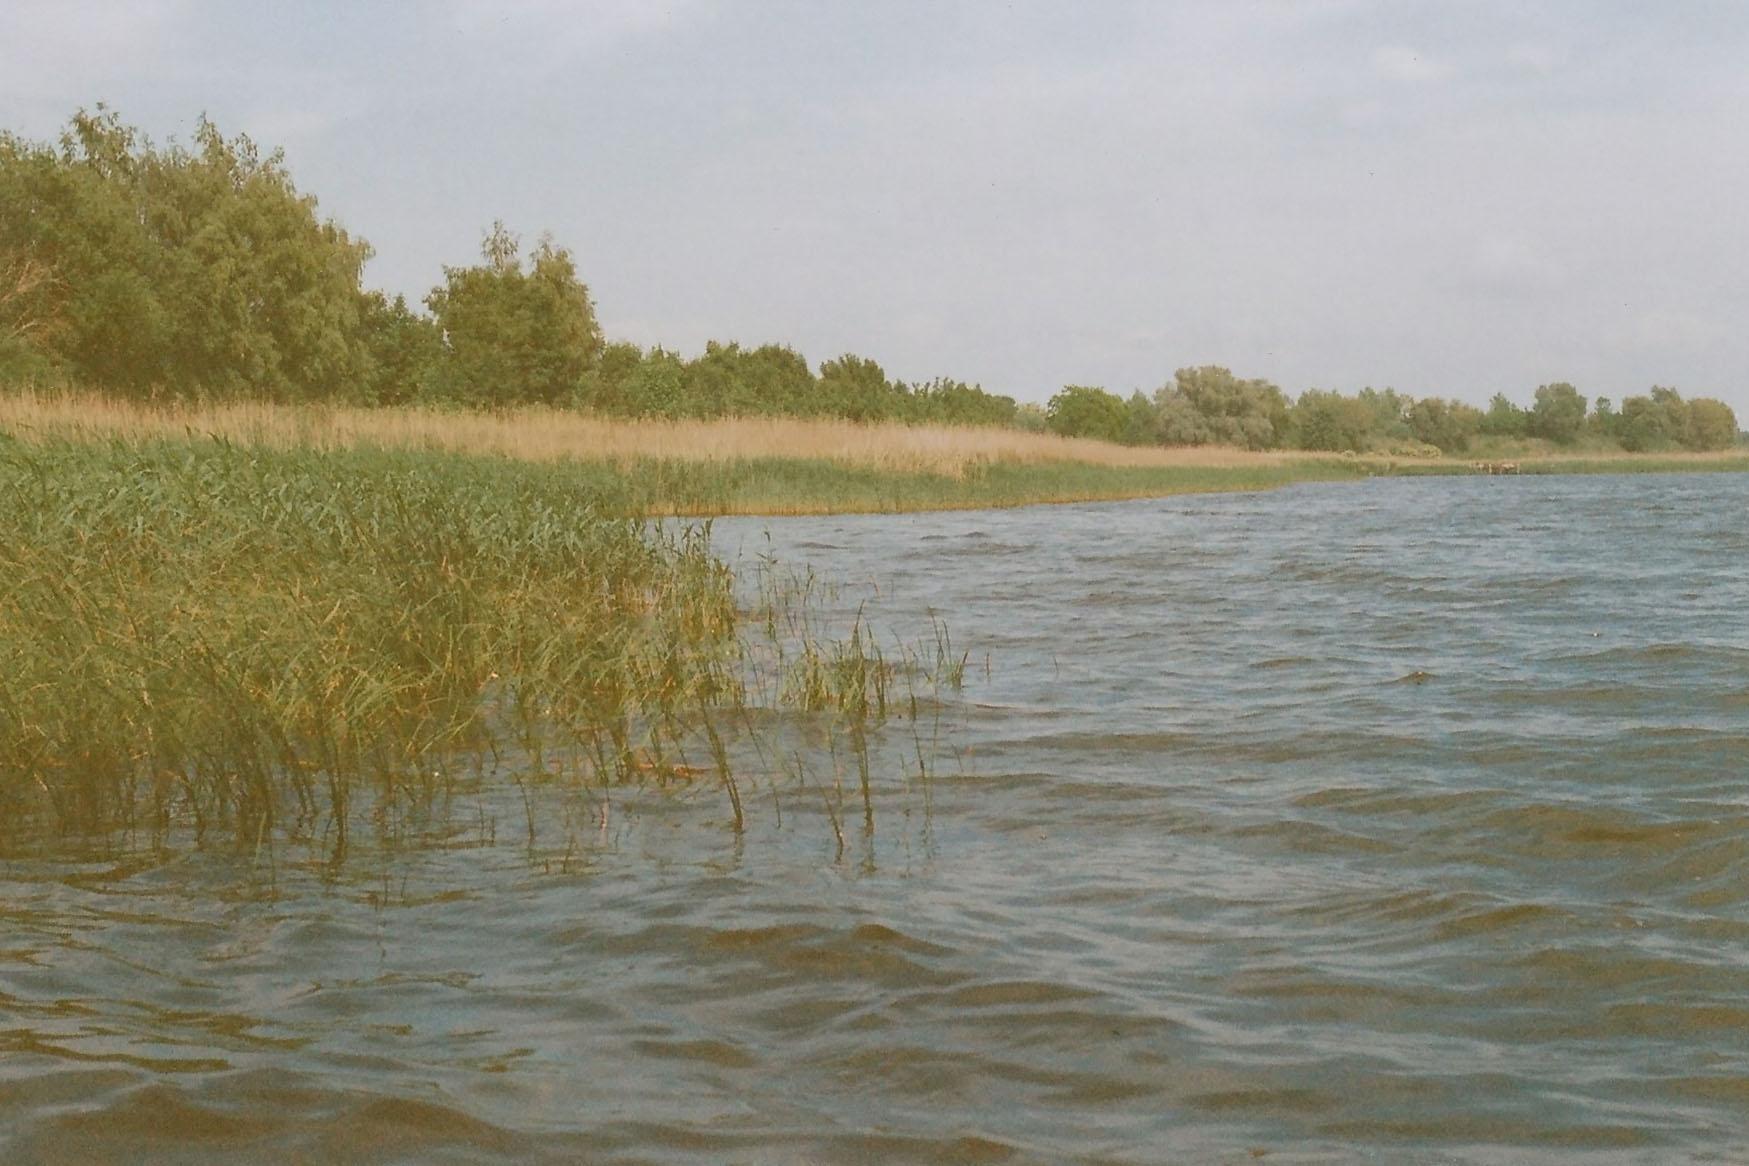 Blick auf die Uferzone des Flusses